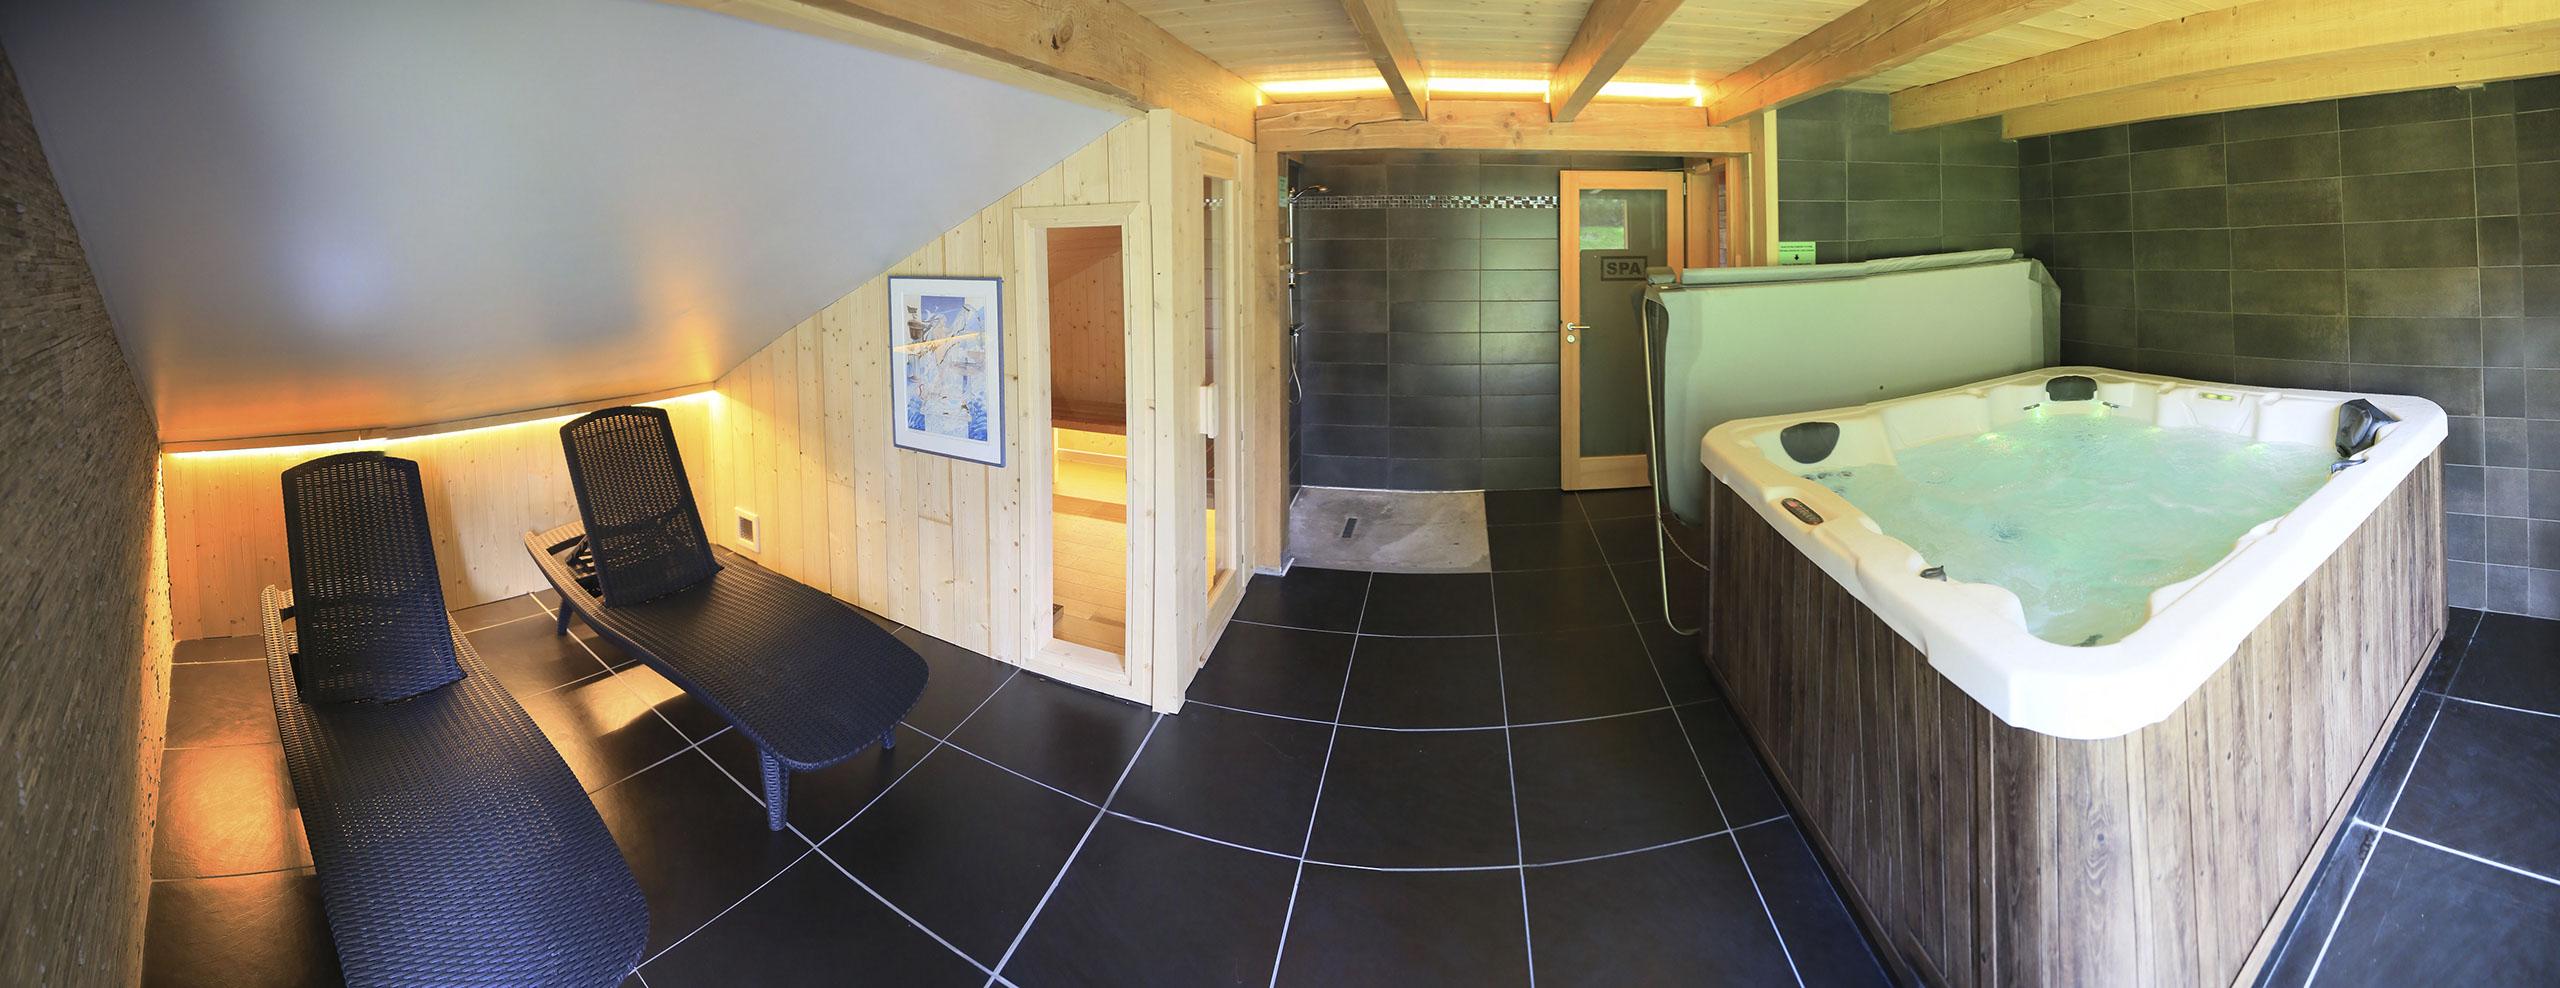 La Ferme du Douanier hébergement de luxe pour 18 personnes